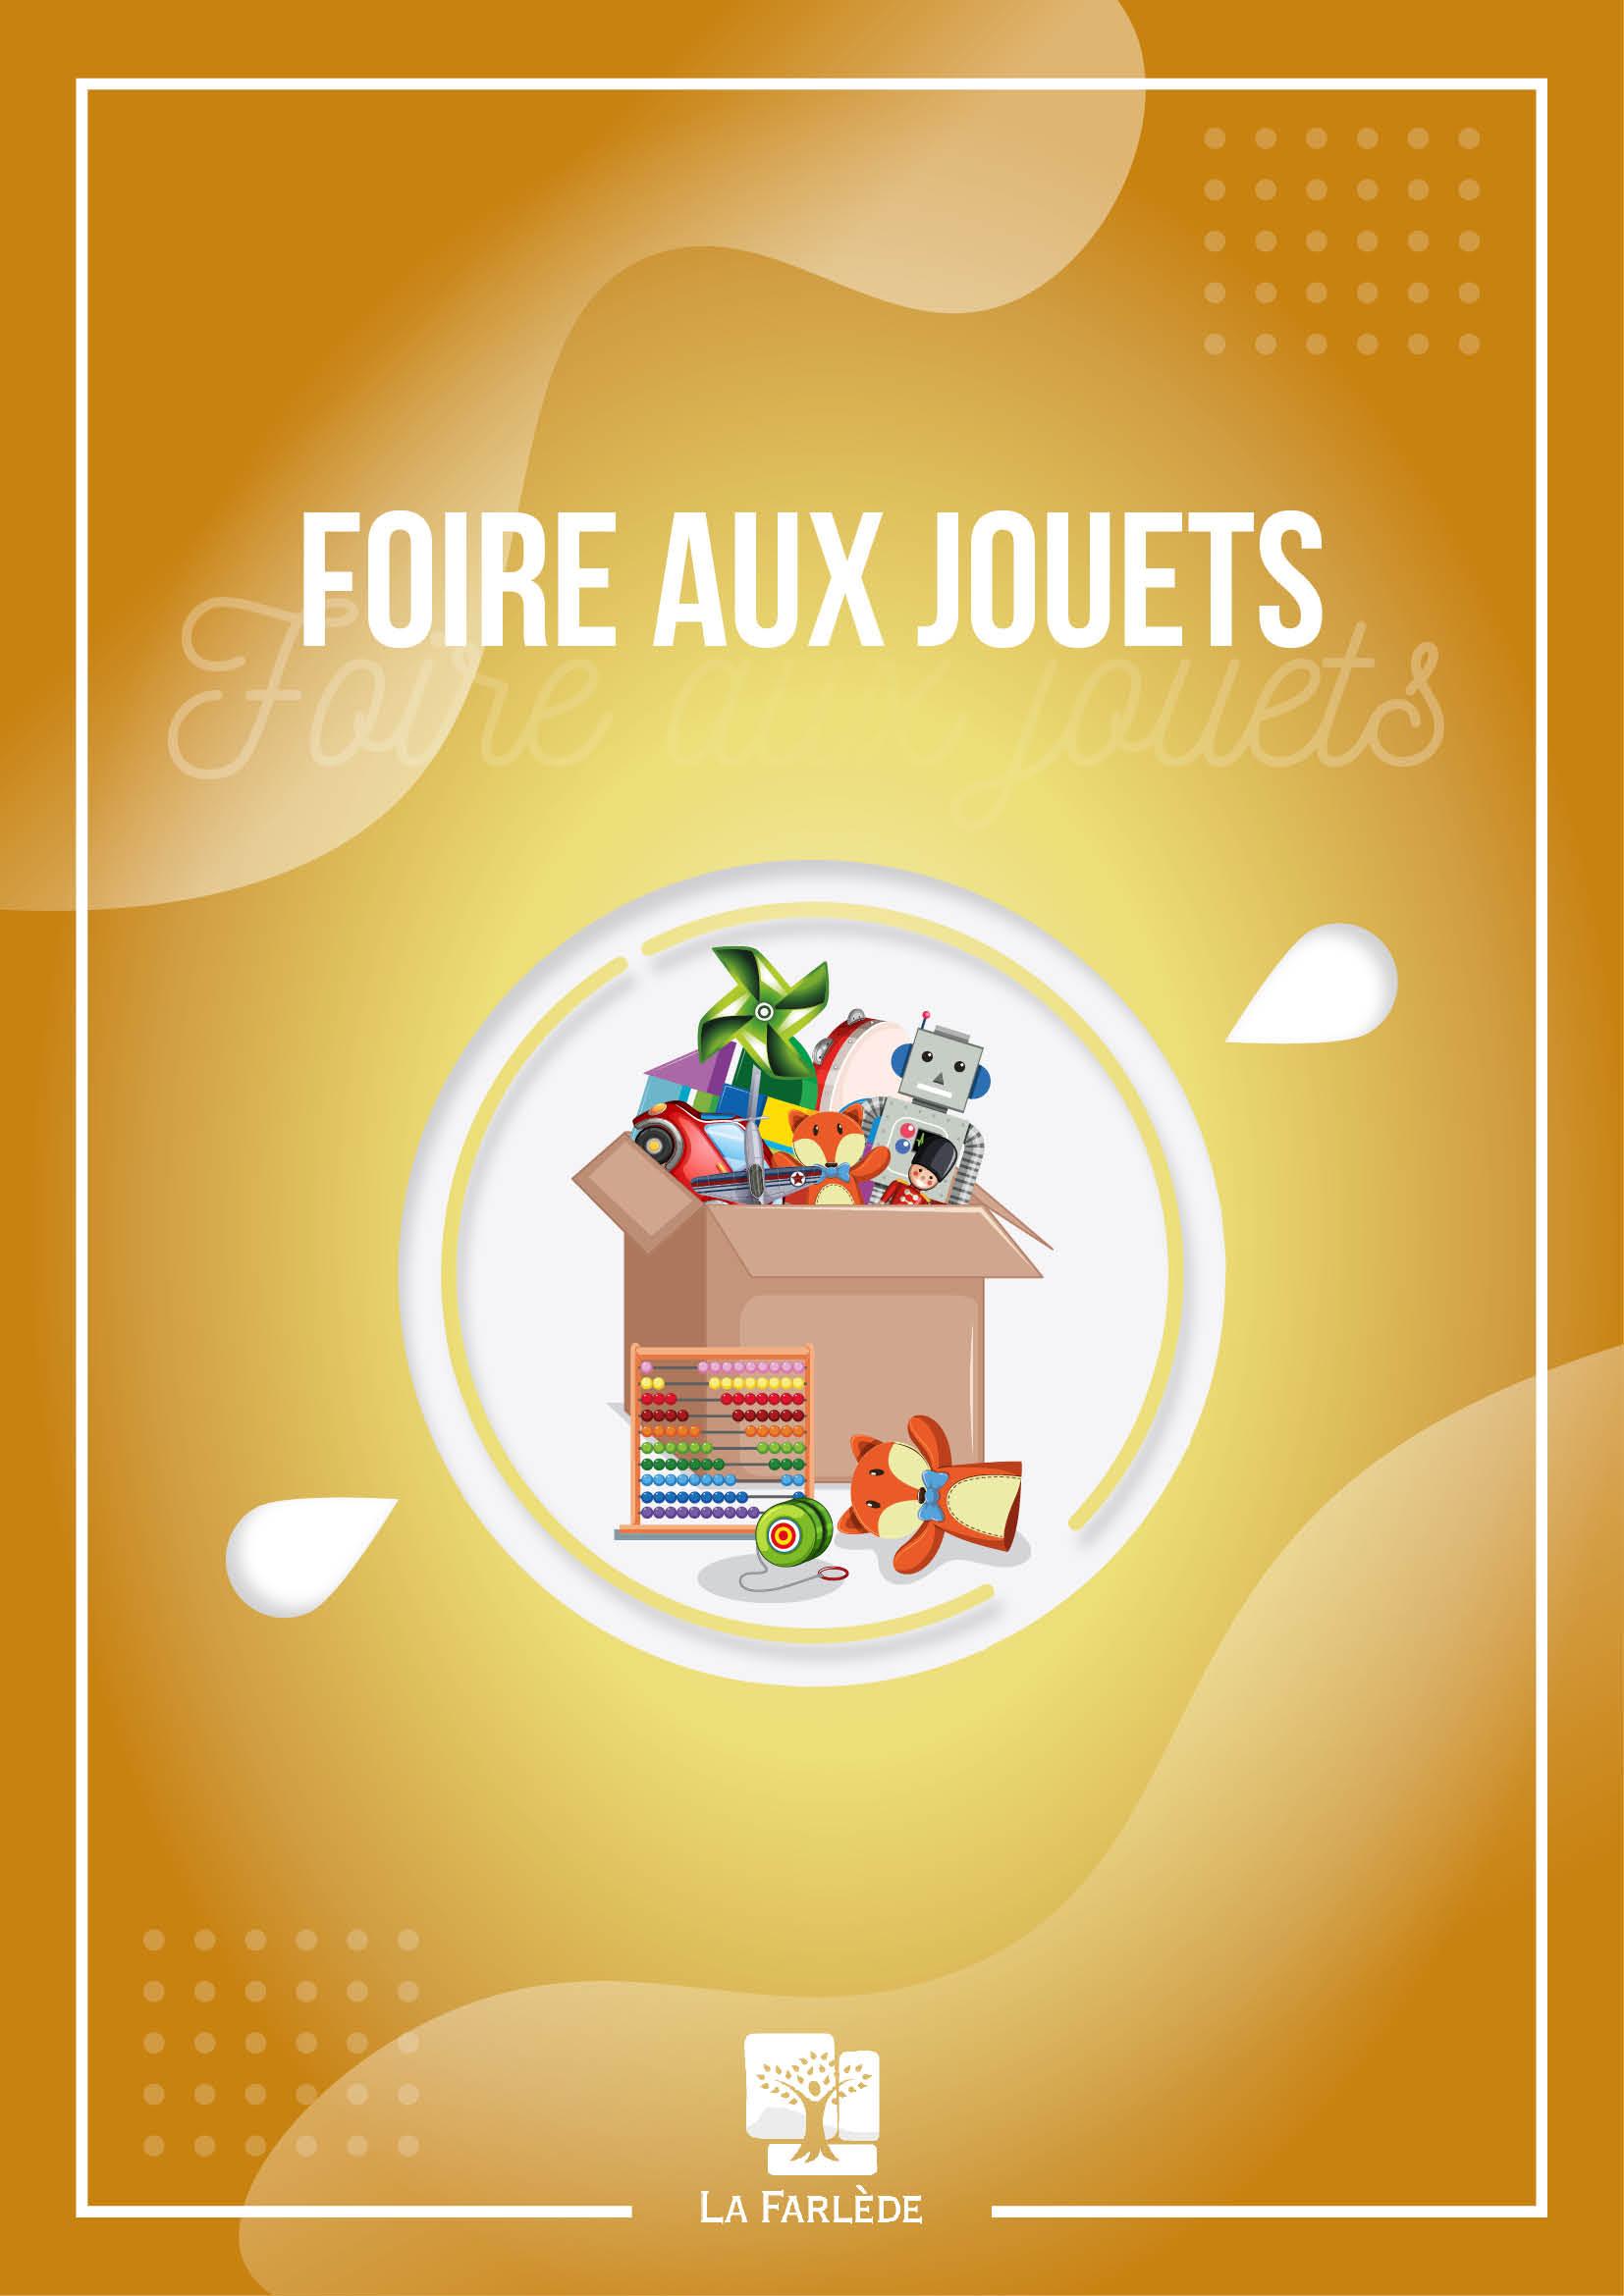 fondvisuelsweb-foire_aux_jouets.jpg